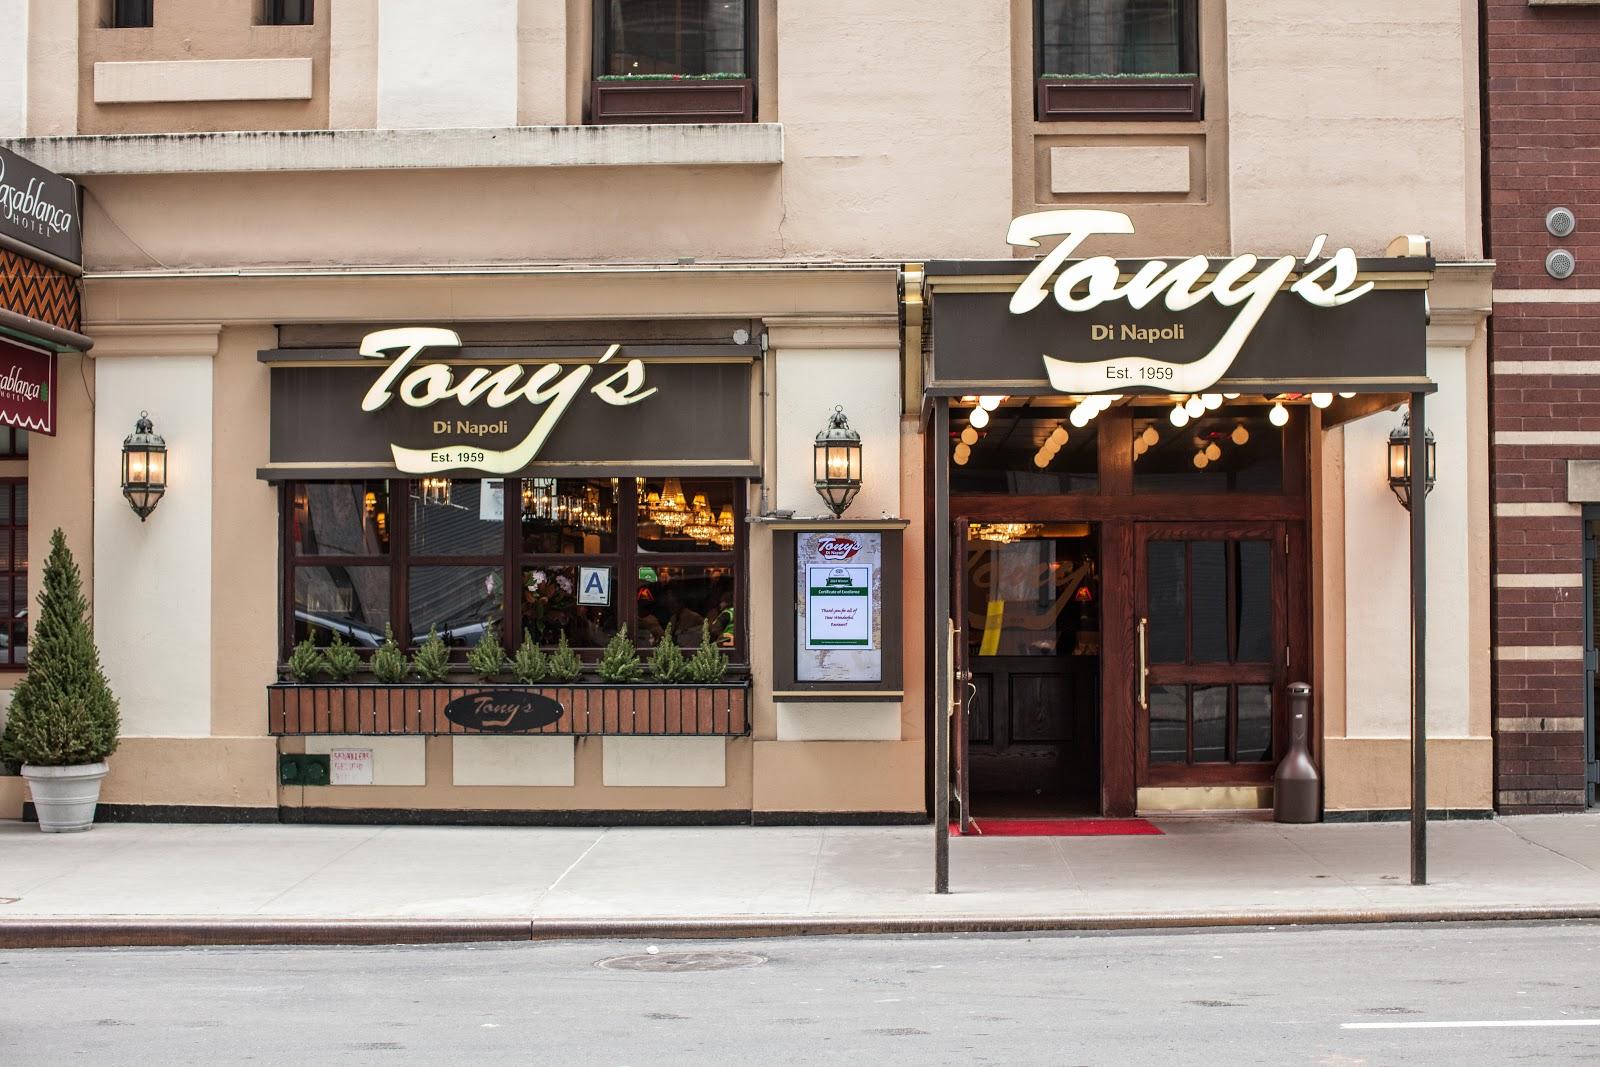 Tony's Di Napoli